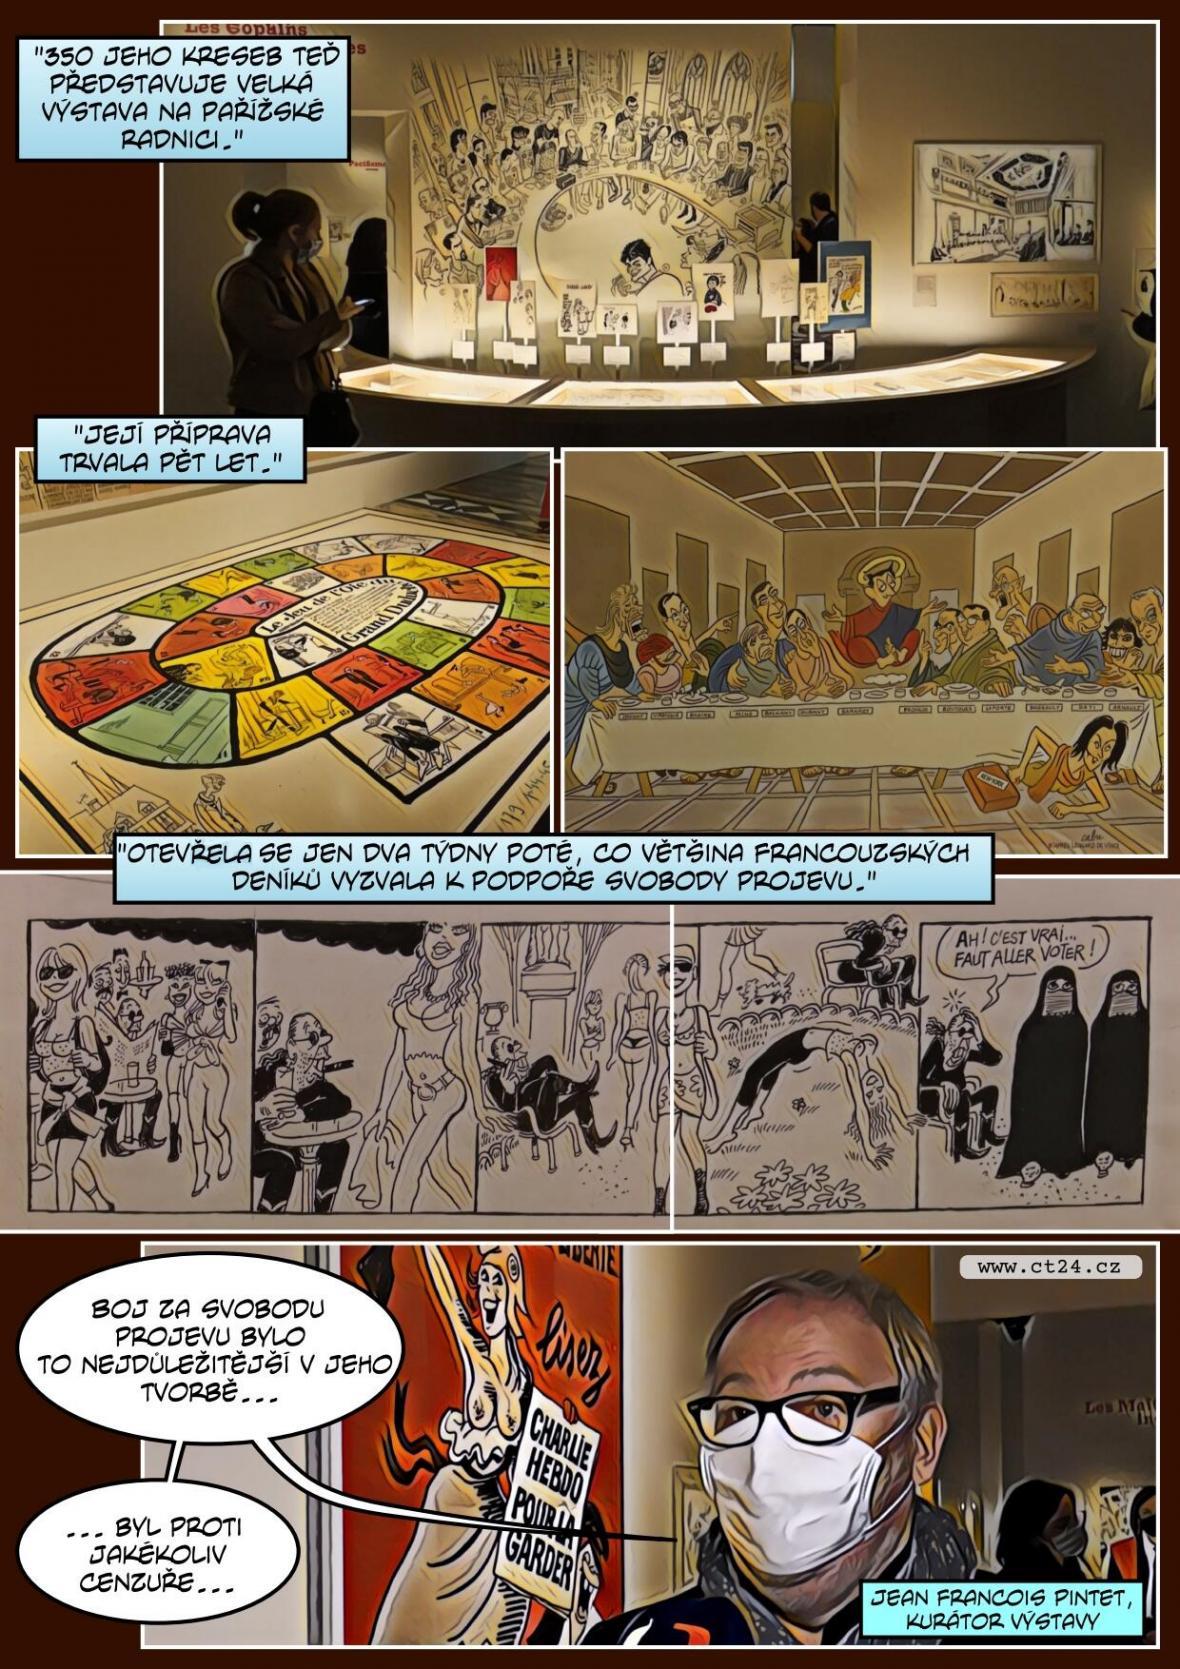 Začala výstava kontroverzního kreslíře Cabuta. Ten nepřežil atentát na redakci Charlie Hebdo